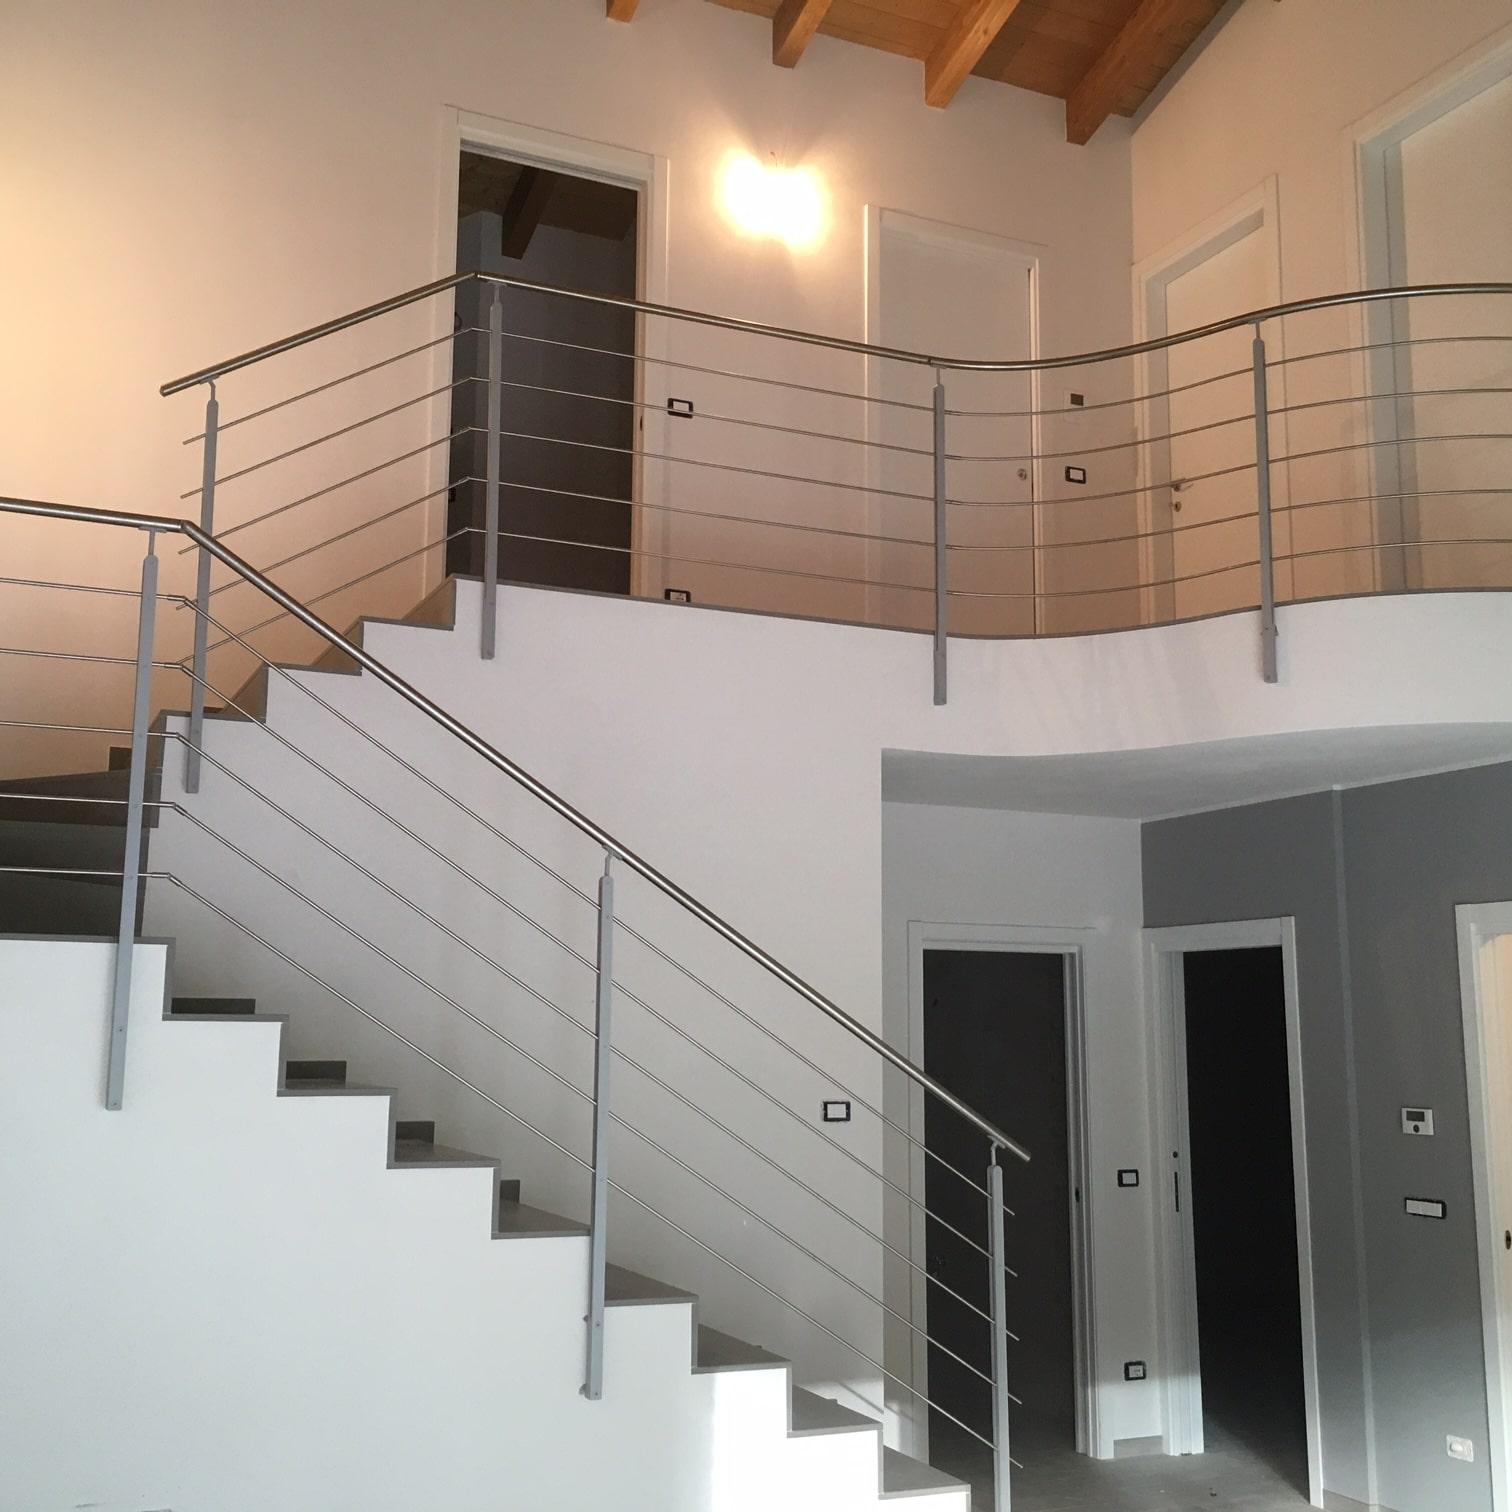 Ringhiera in ferro battuto per una casa moderna